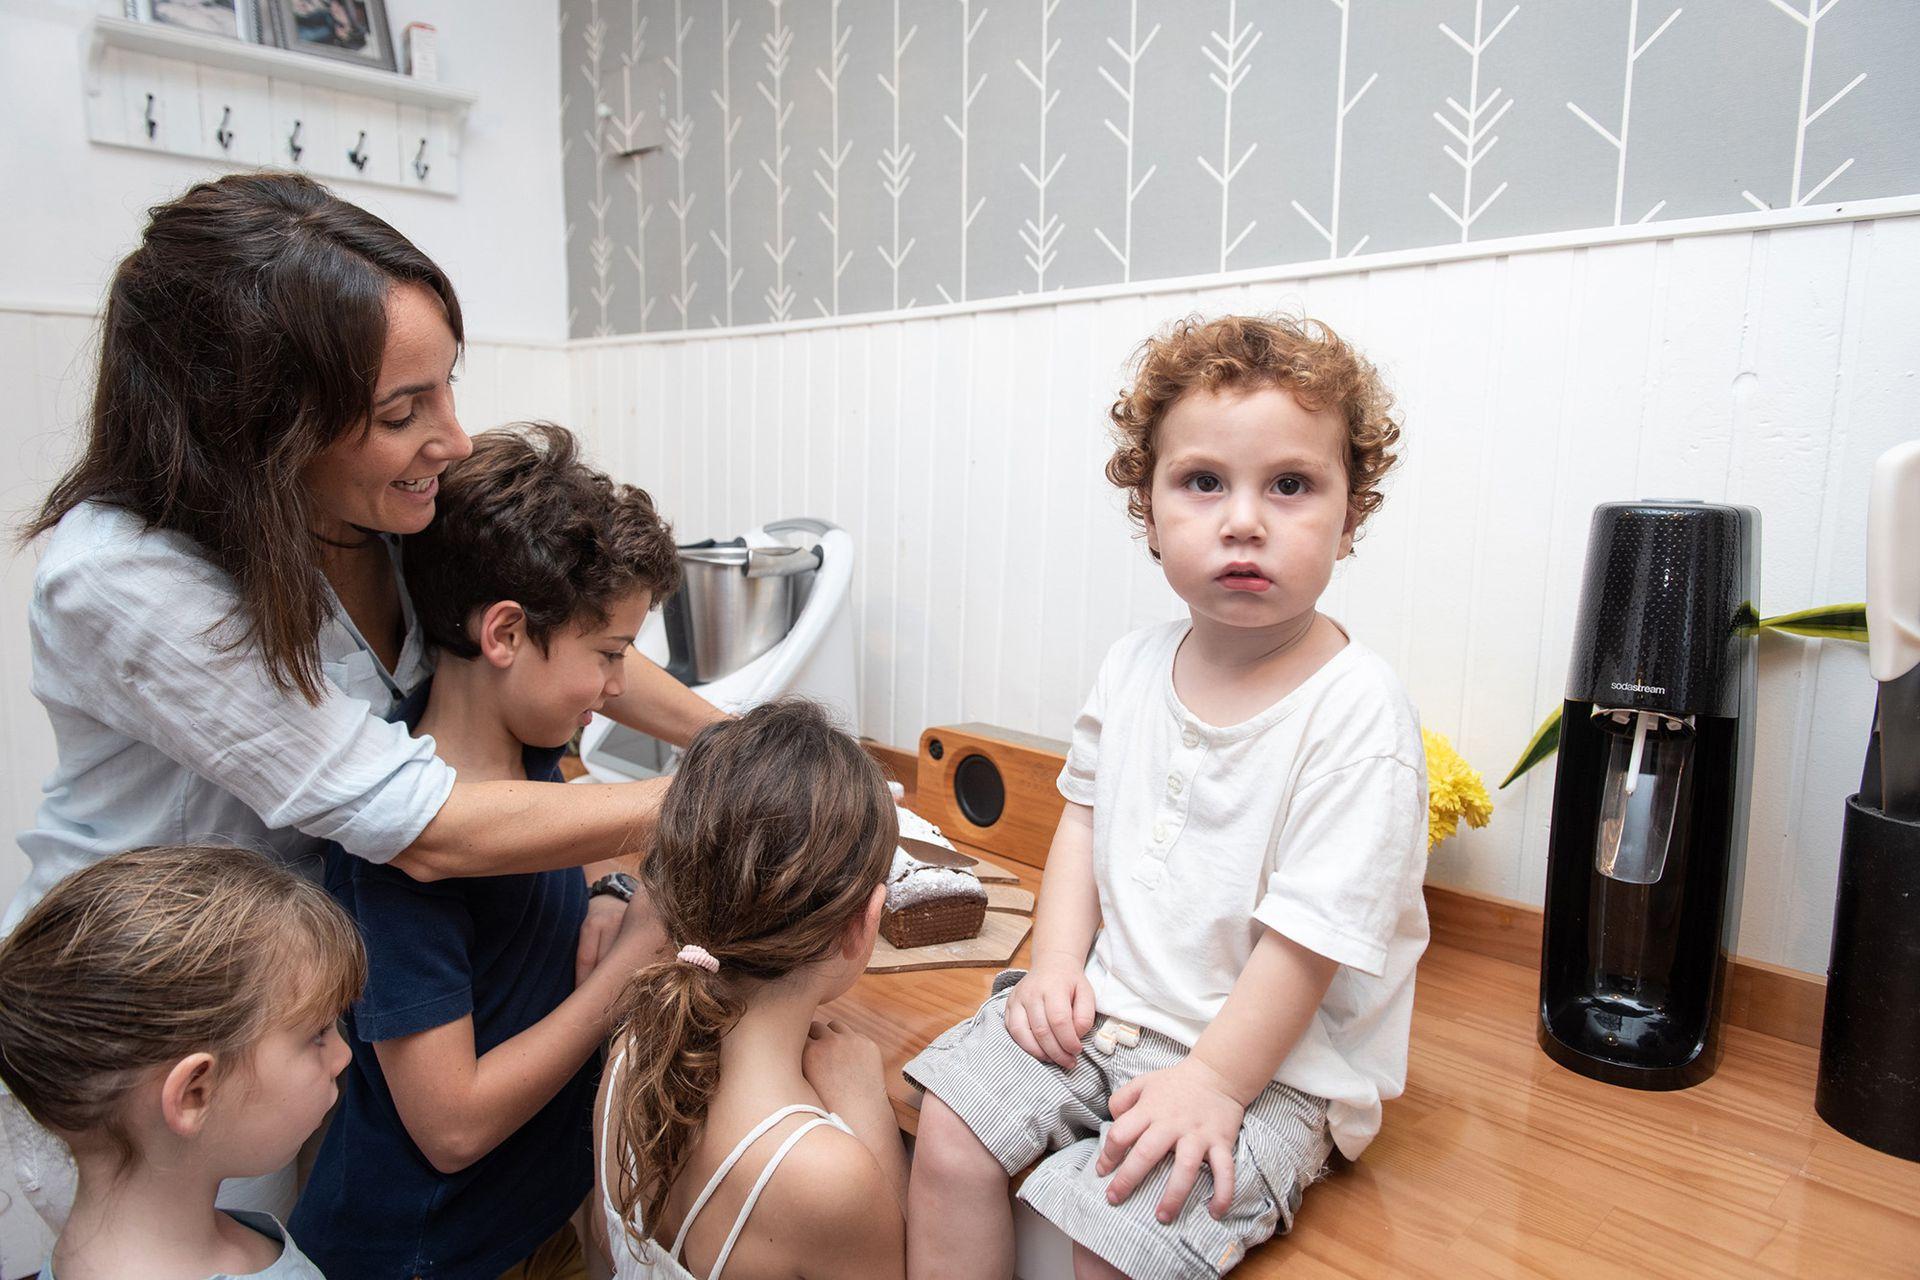 En plena pandemia, Sofia Bacigalupo invirtió en una Thermomix para cocinar para toda su familia